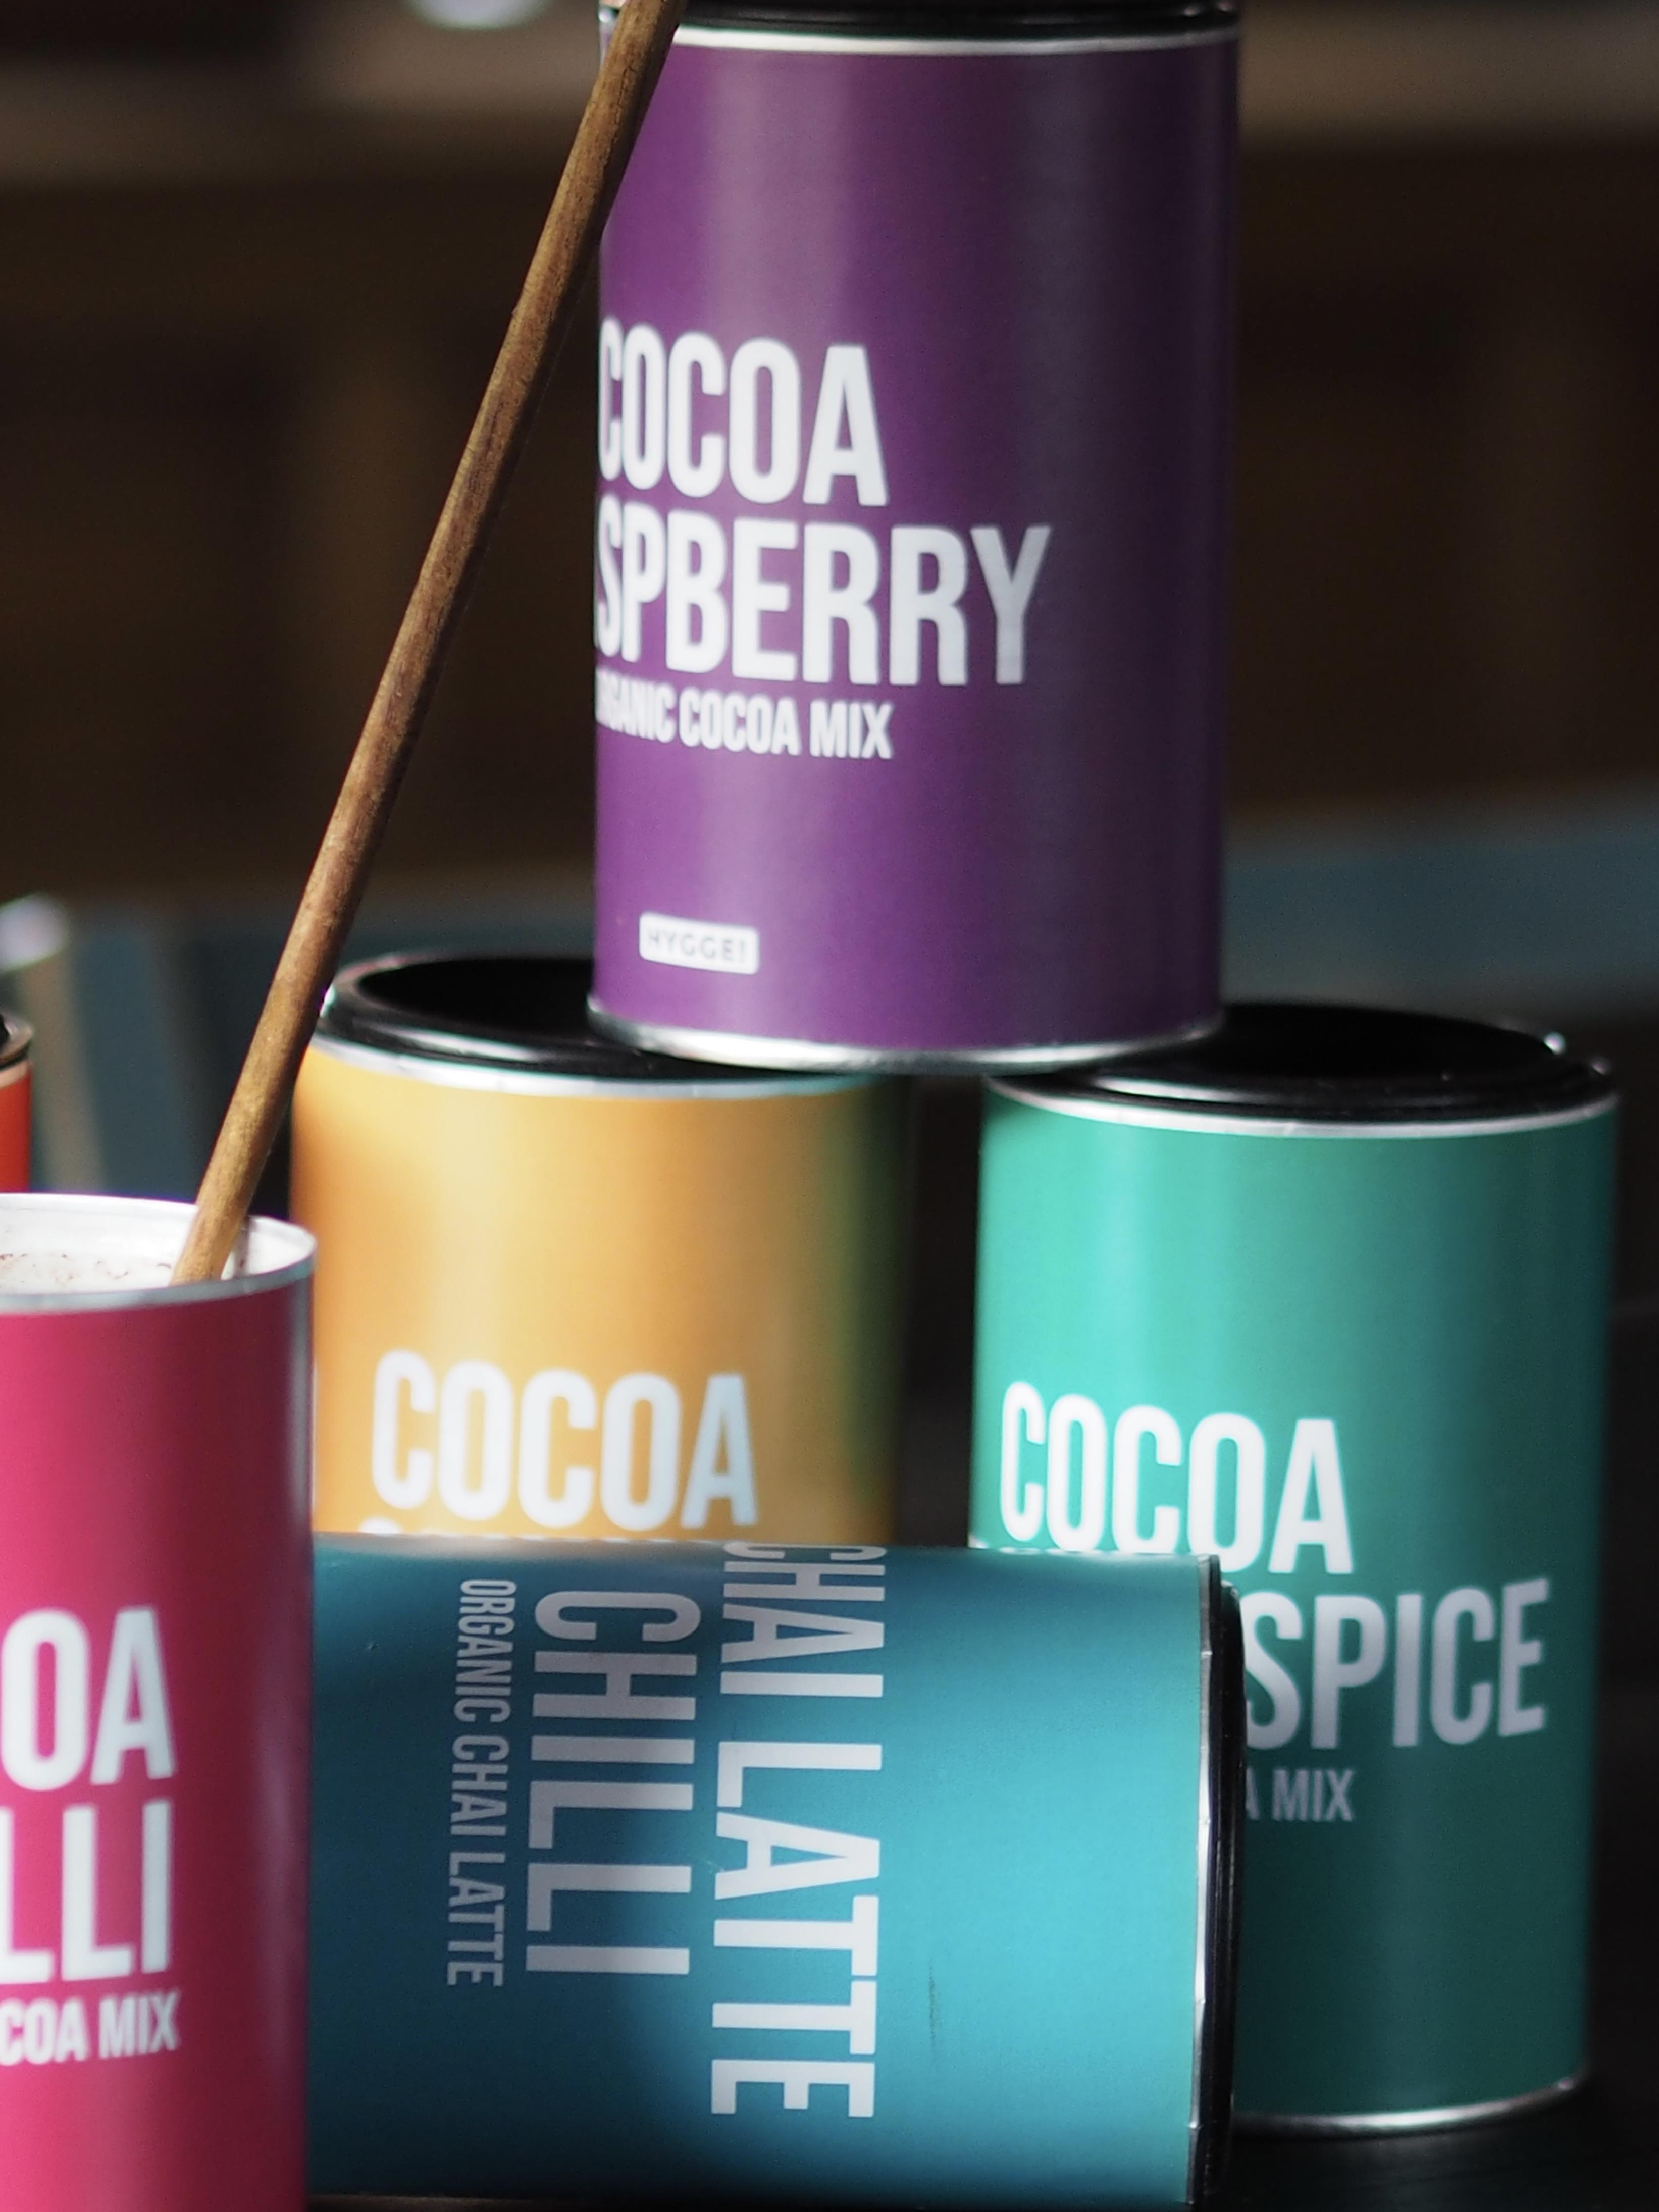 Cocoa Winter Spice, HYGGE!